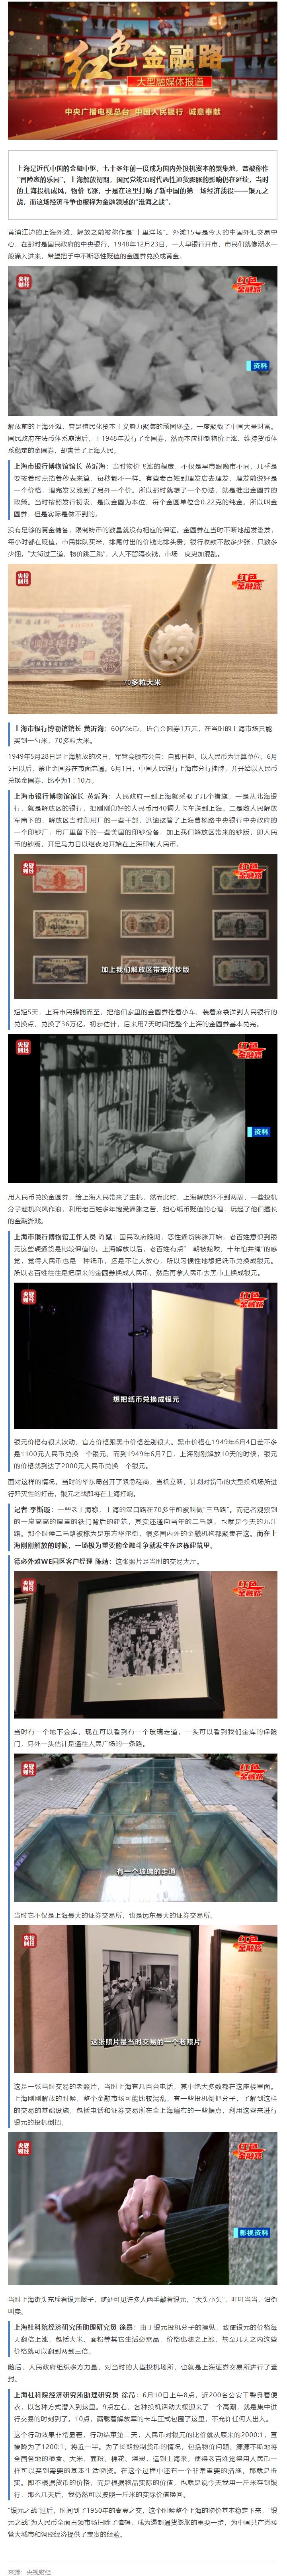 """FireShot Capture 218 - 【红色金融路】第38集:金融领域的""""淮海战役""""!揭秘新中国的第一场经济战役 - mp.weixin.qq.com.png"""